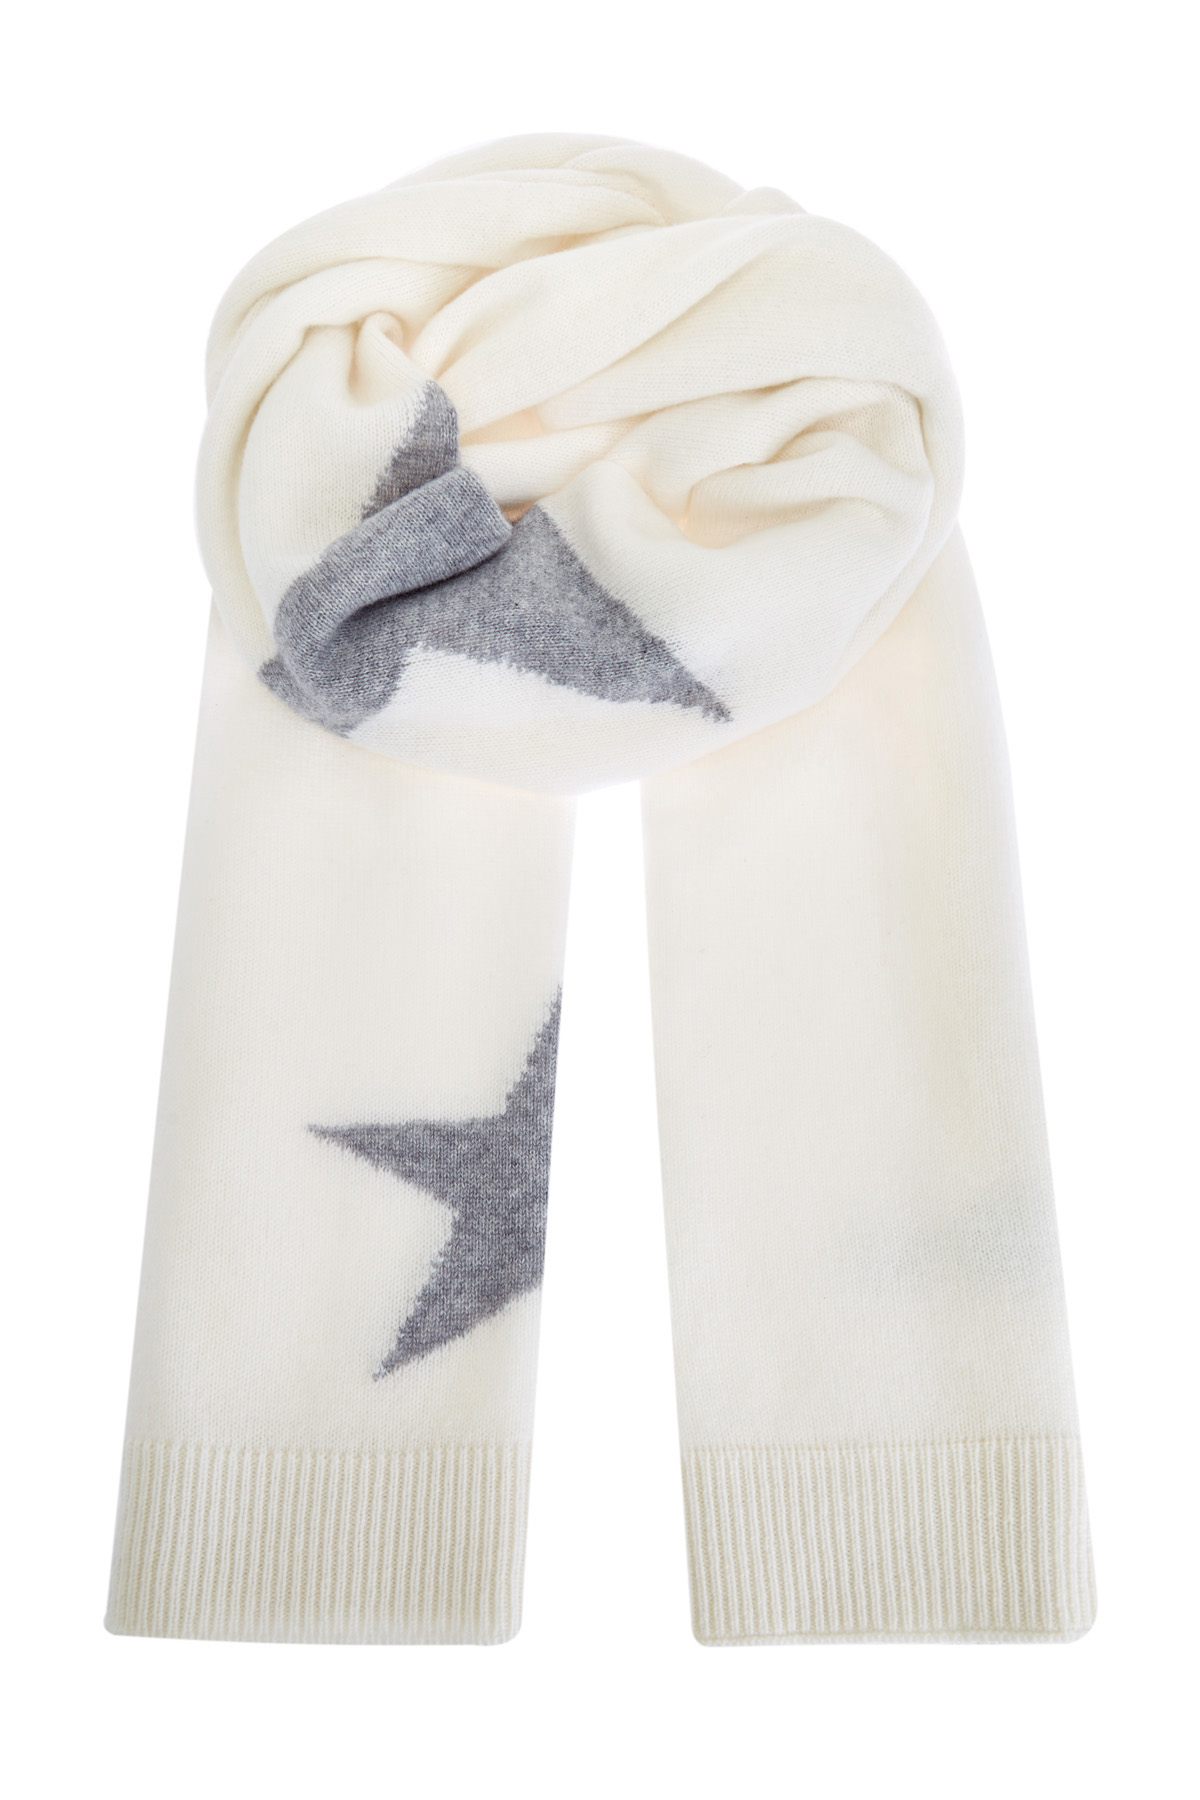 Белый шарф изтонкой кашемировой пряжи сузором втехнике интарсии